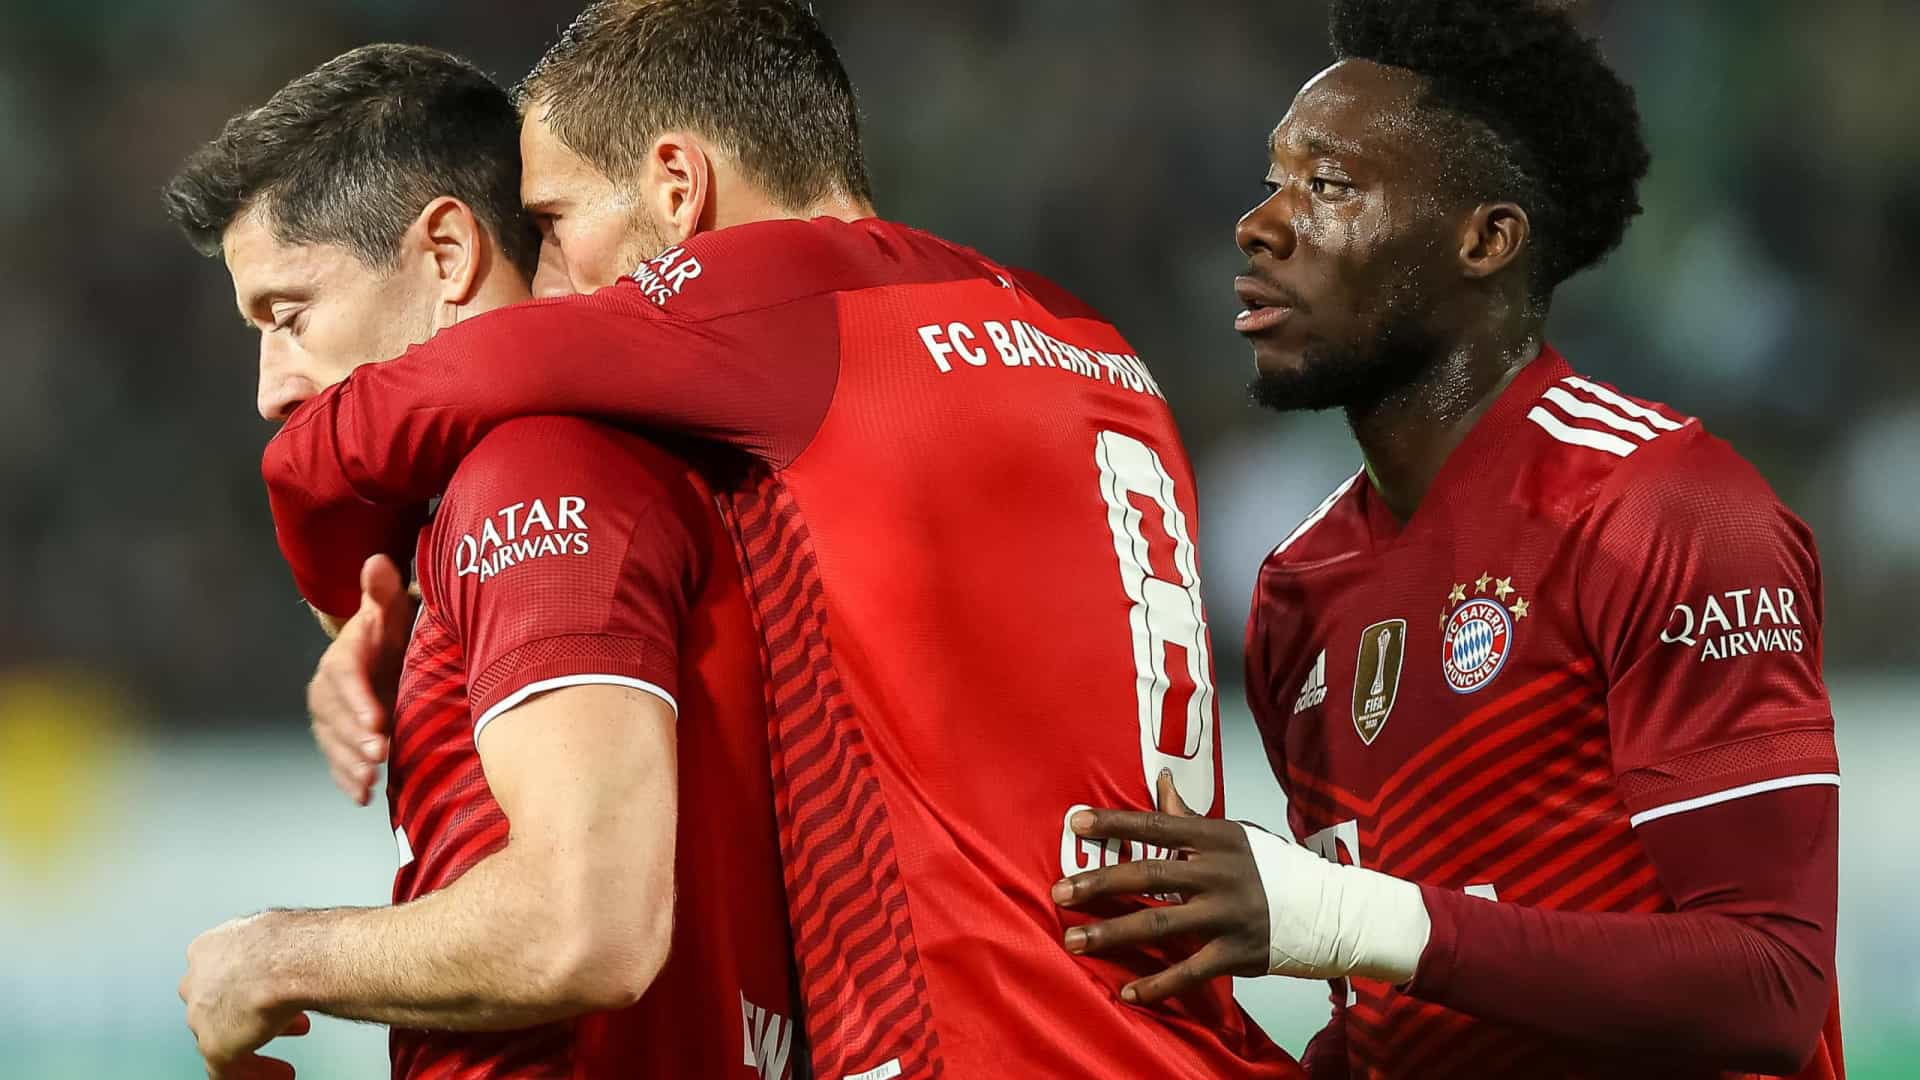 Bayern vence lanterna-vermelha e isola-se no topo da Bundesliga